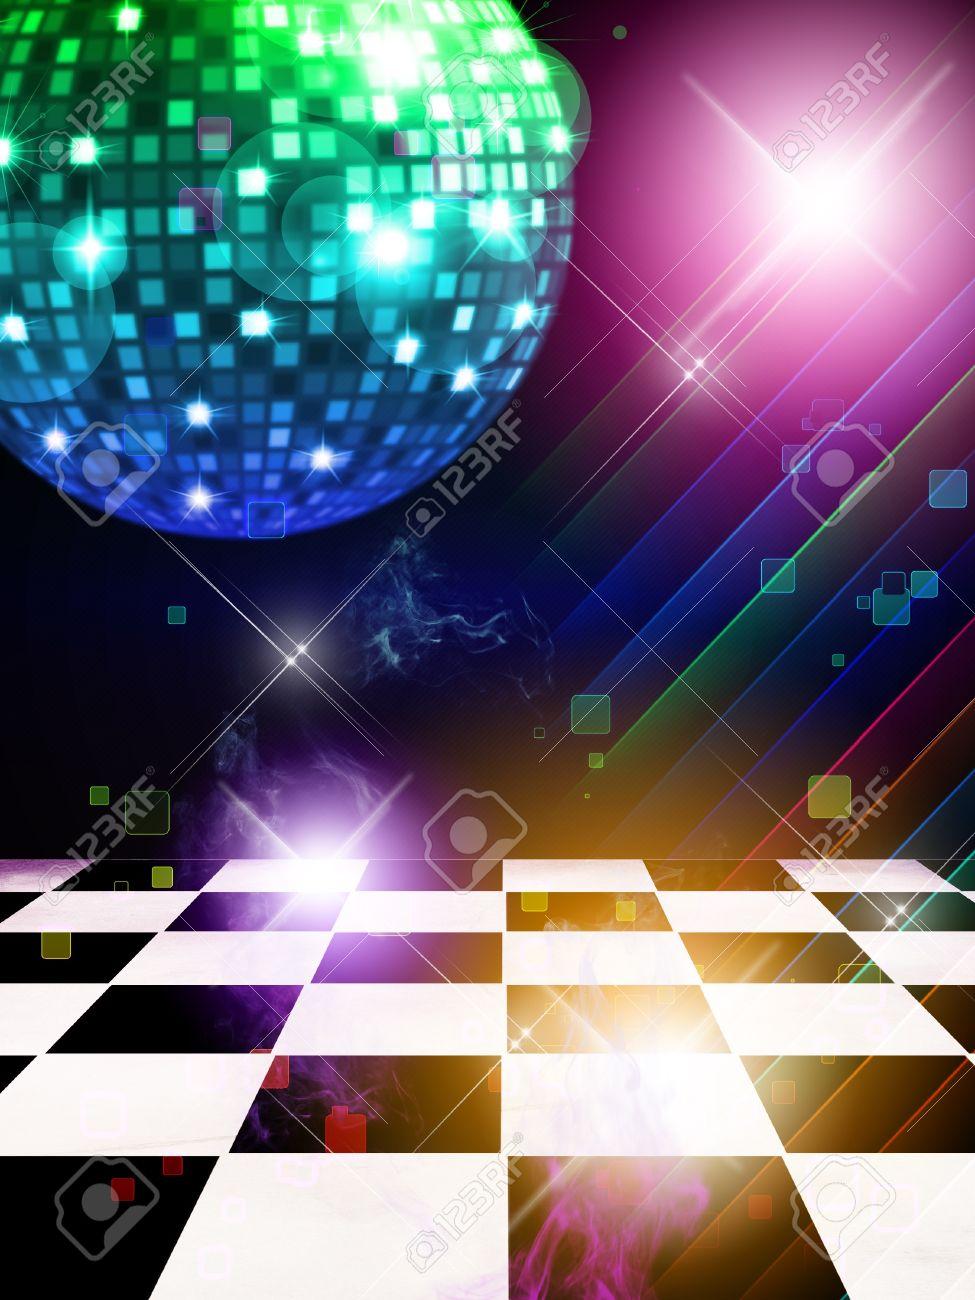 ダンスフロア ディスコ ミラー ボールや星の背景のイラスト の写真素材